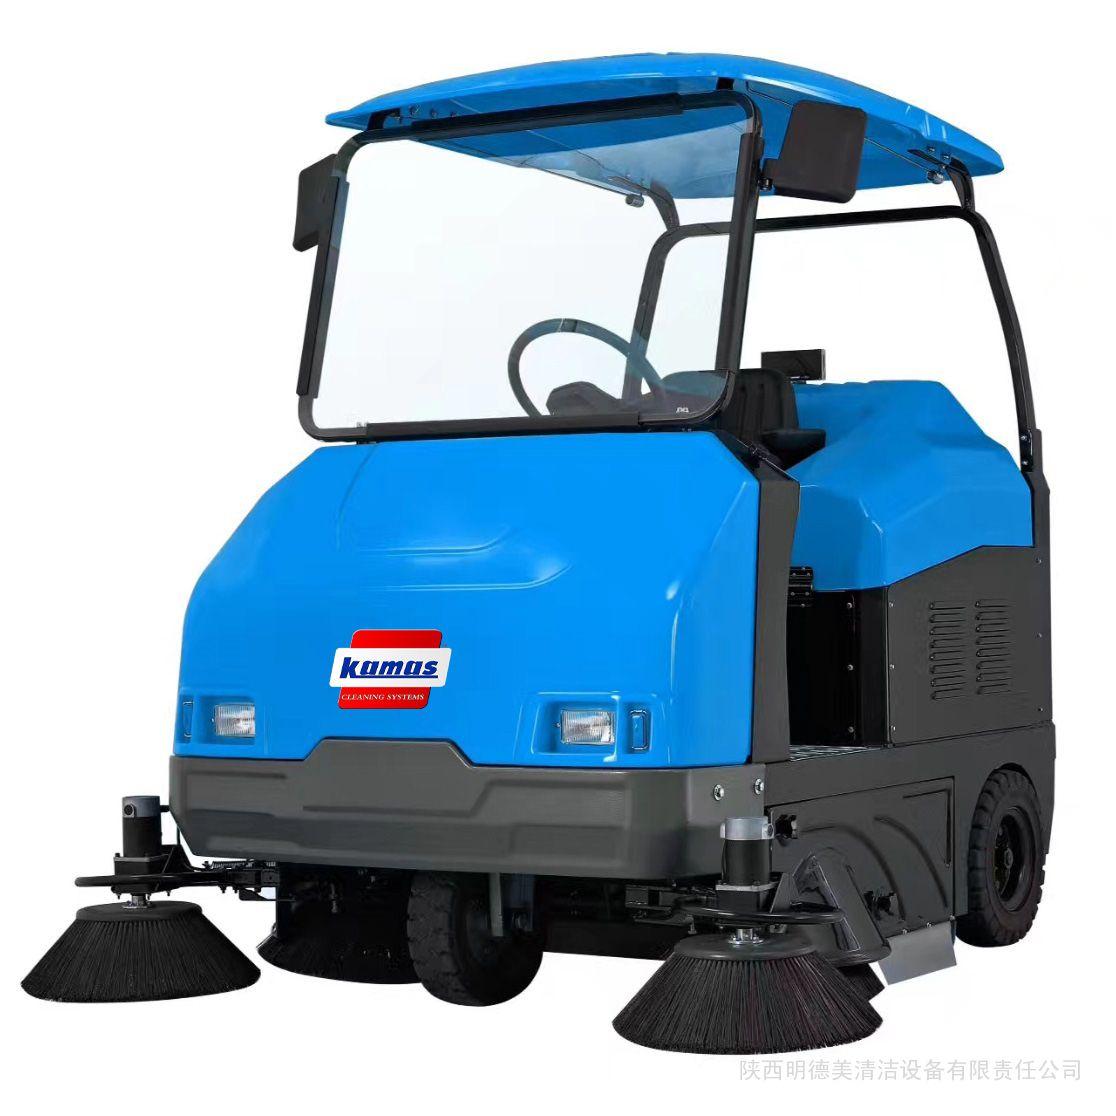 西安清扫车租赁 陕西电动扫地车电瓶清扫车保洁清洁设备出租